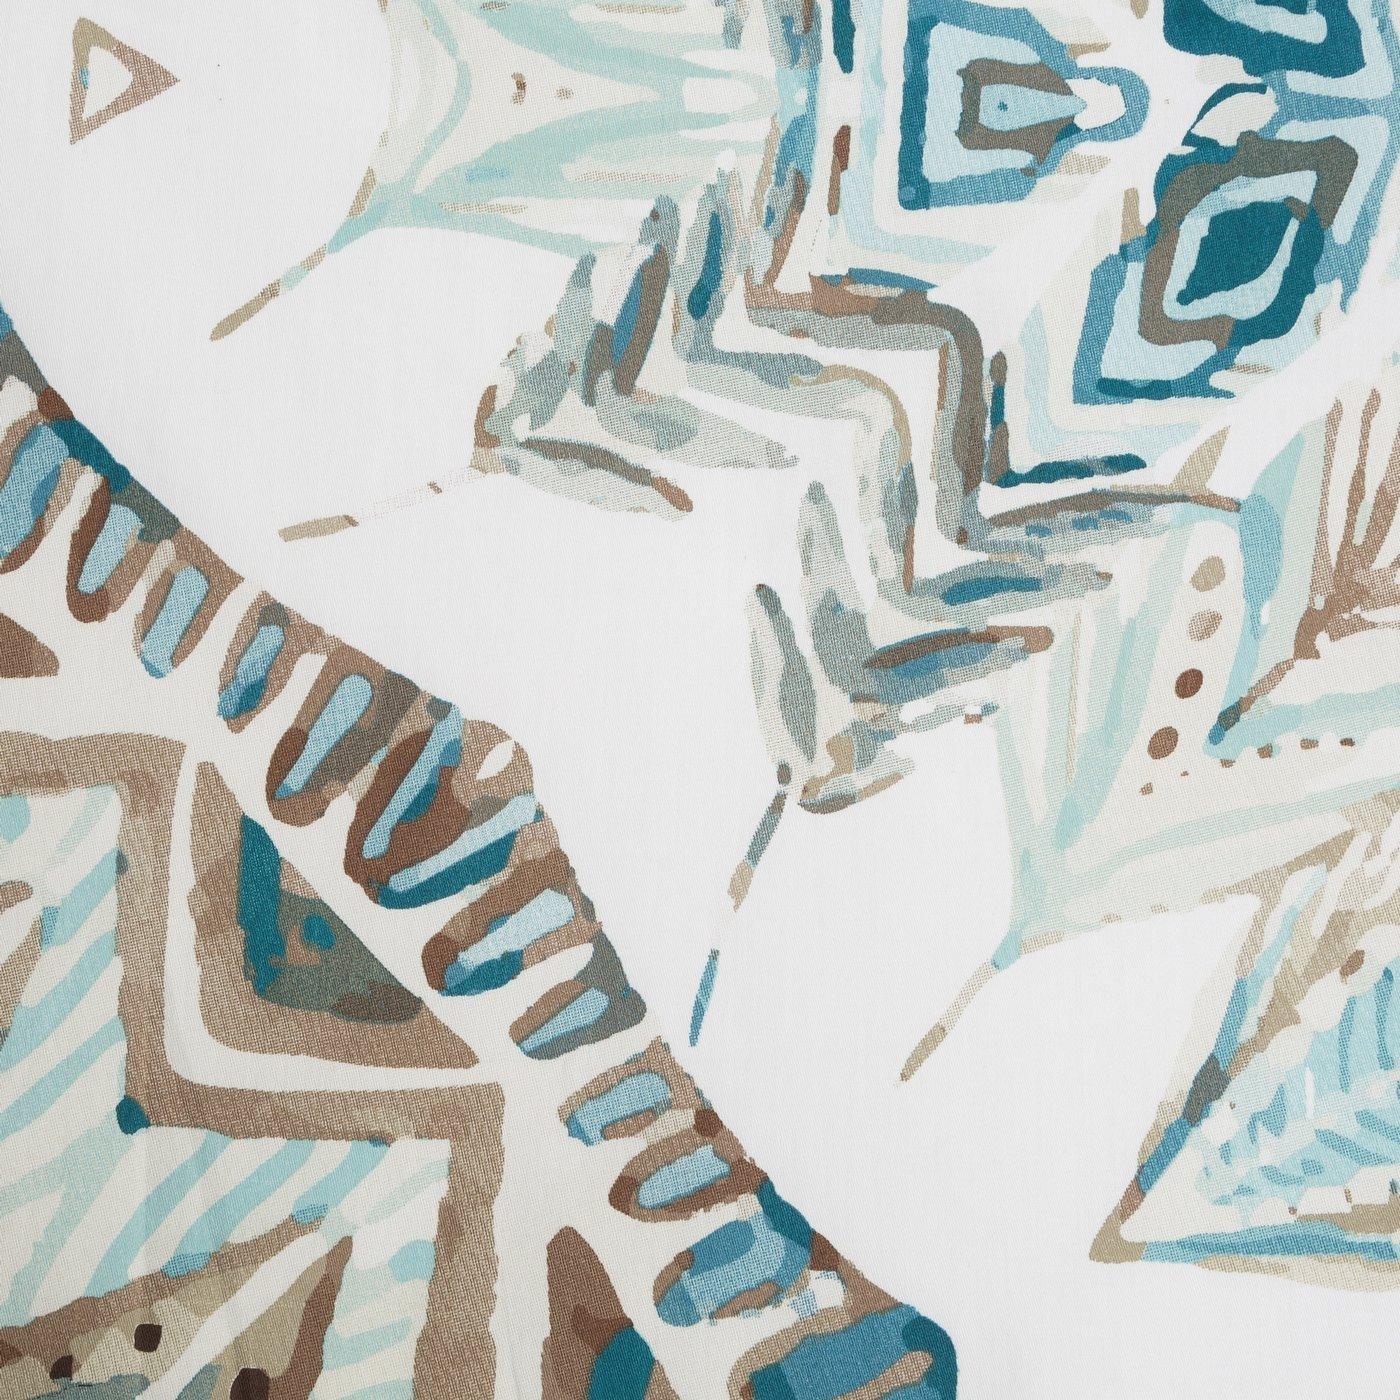 Komplet pościeli z satyny bawełnianej 160x200 cm, 2 szt. 70x80 cm nadruk indiański łapacz snów